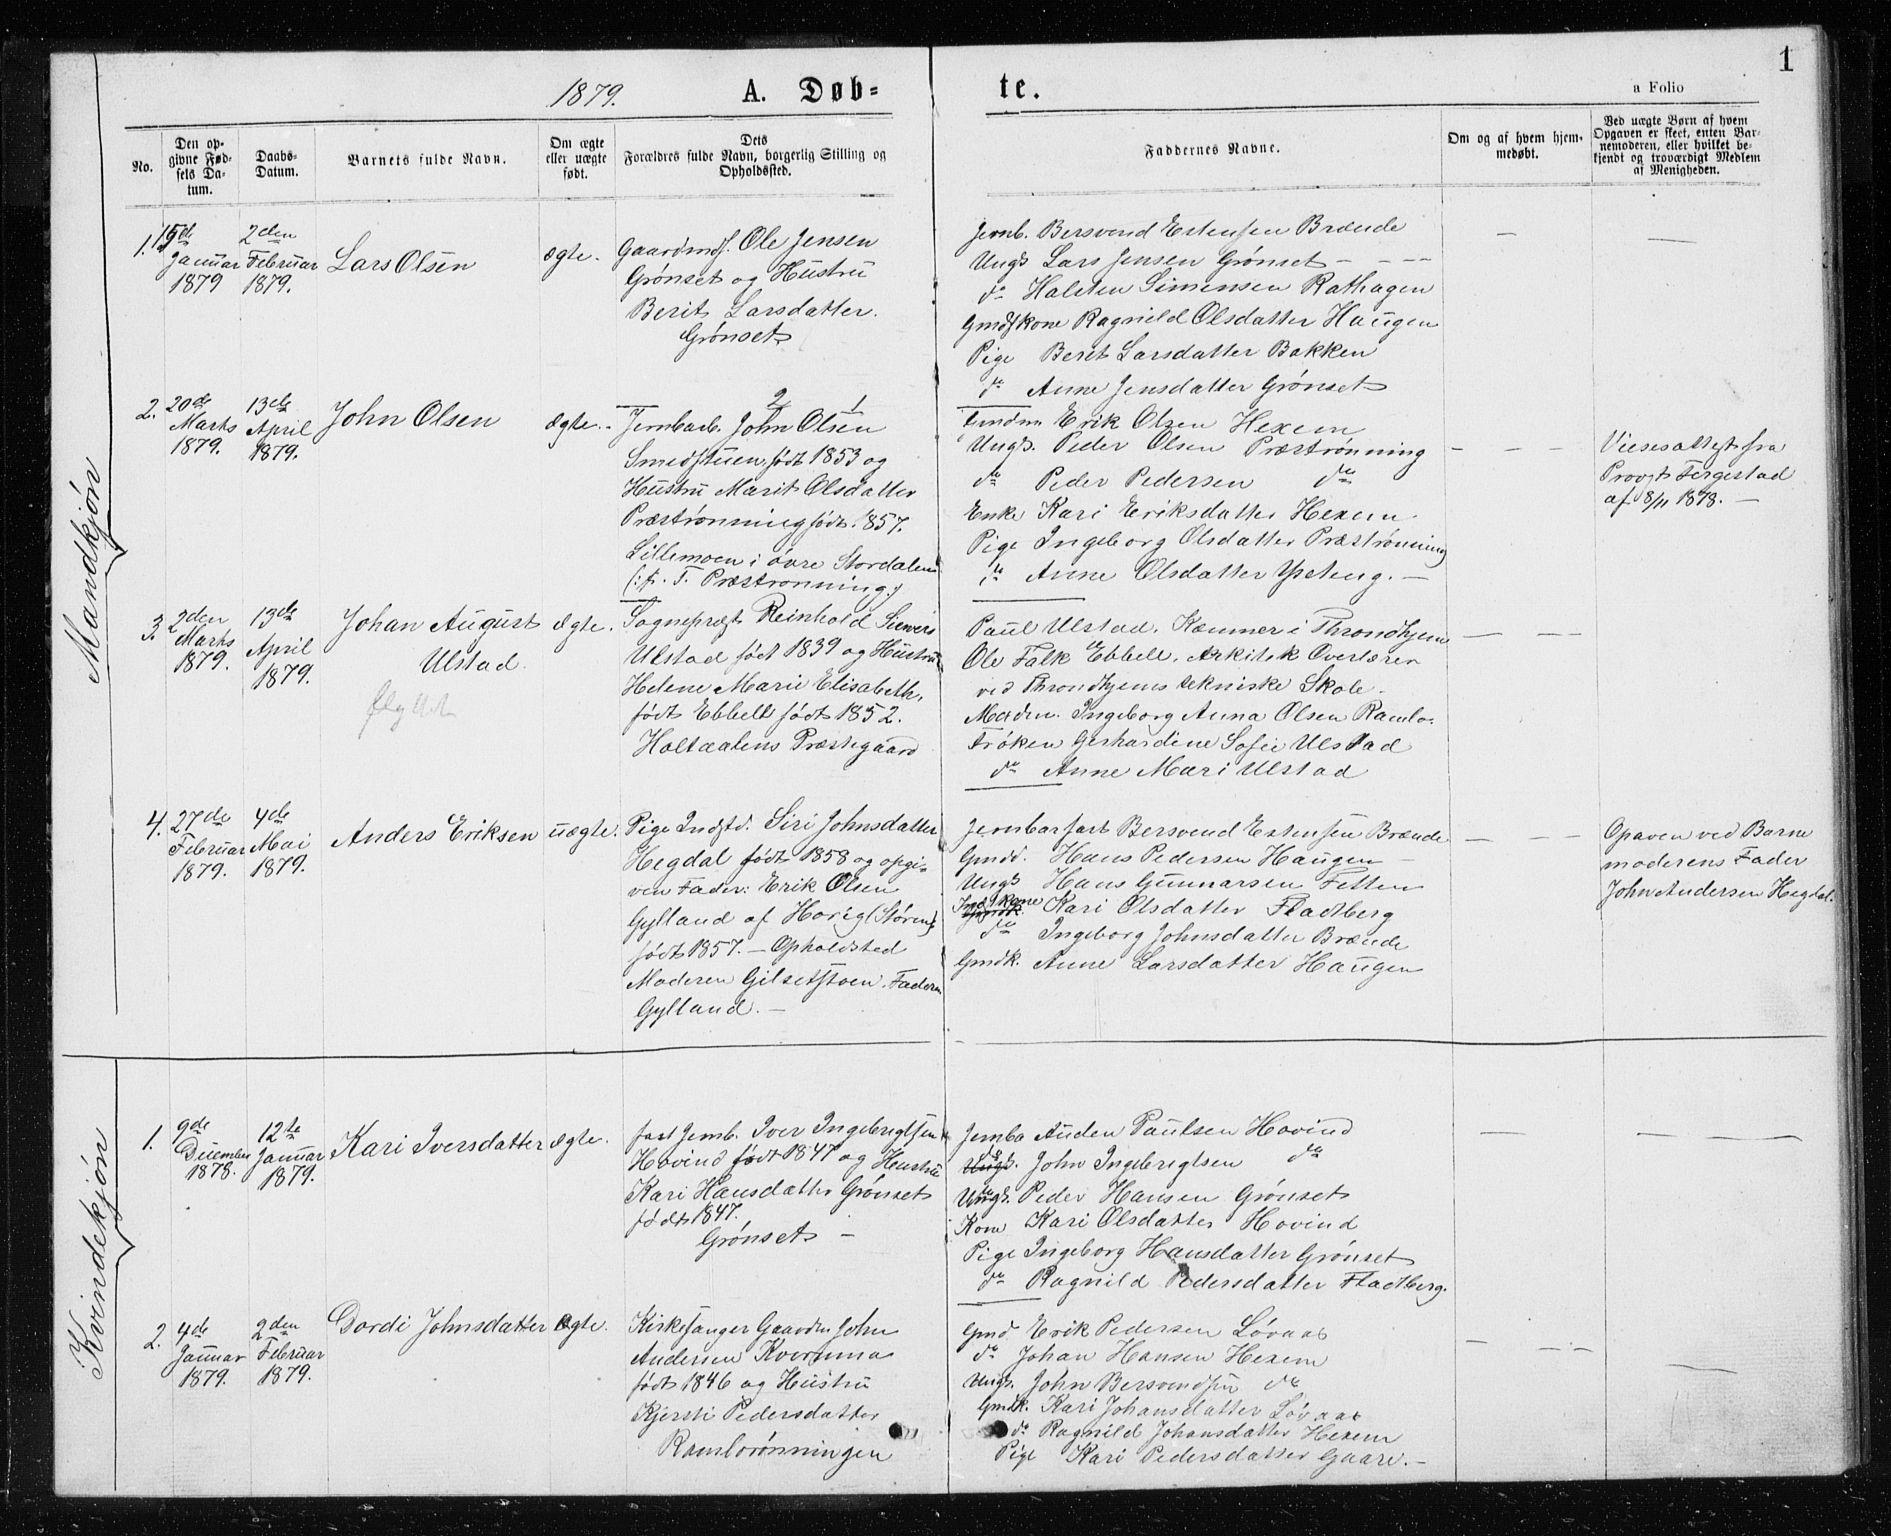 SAT, Ministerialprotokoller, klokkerbøker og fødselsregistre - Sør-Trøndelag, 685/L0977: Klokkerbok nr. 685C02, 1879-1890, s. 1